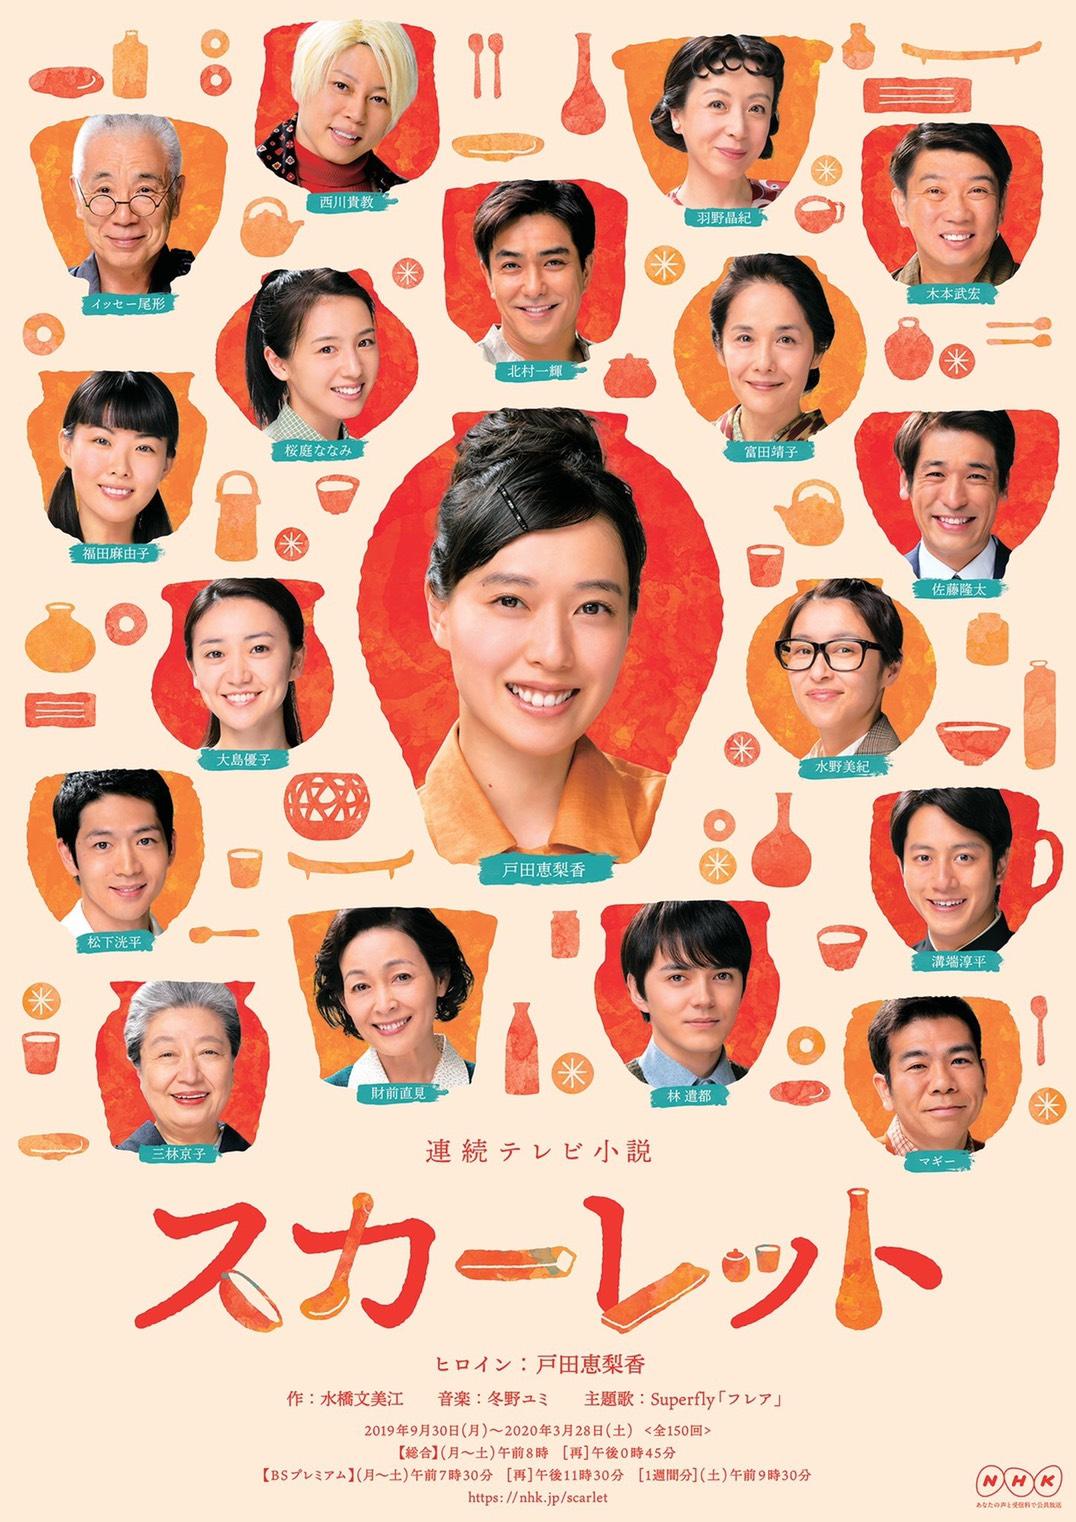 【出演情報】OFFICE MINAMIKAZE所属タレント多数出演 / NHK連続テレビ小説「スカーレット」